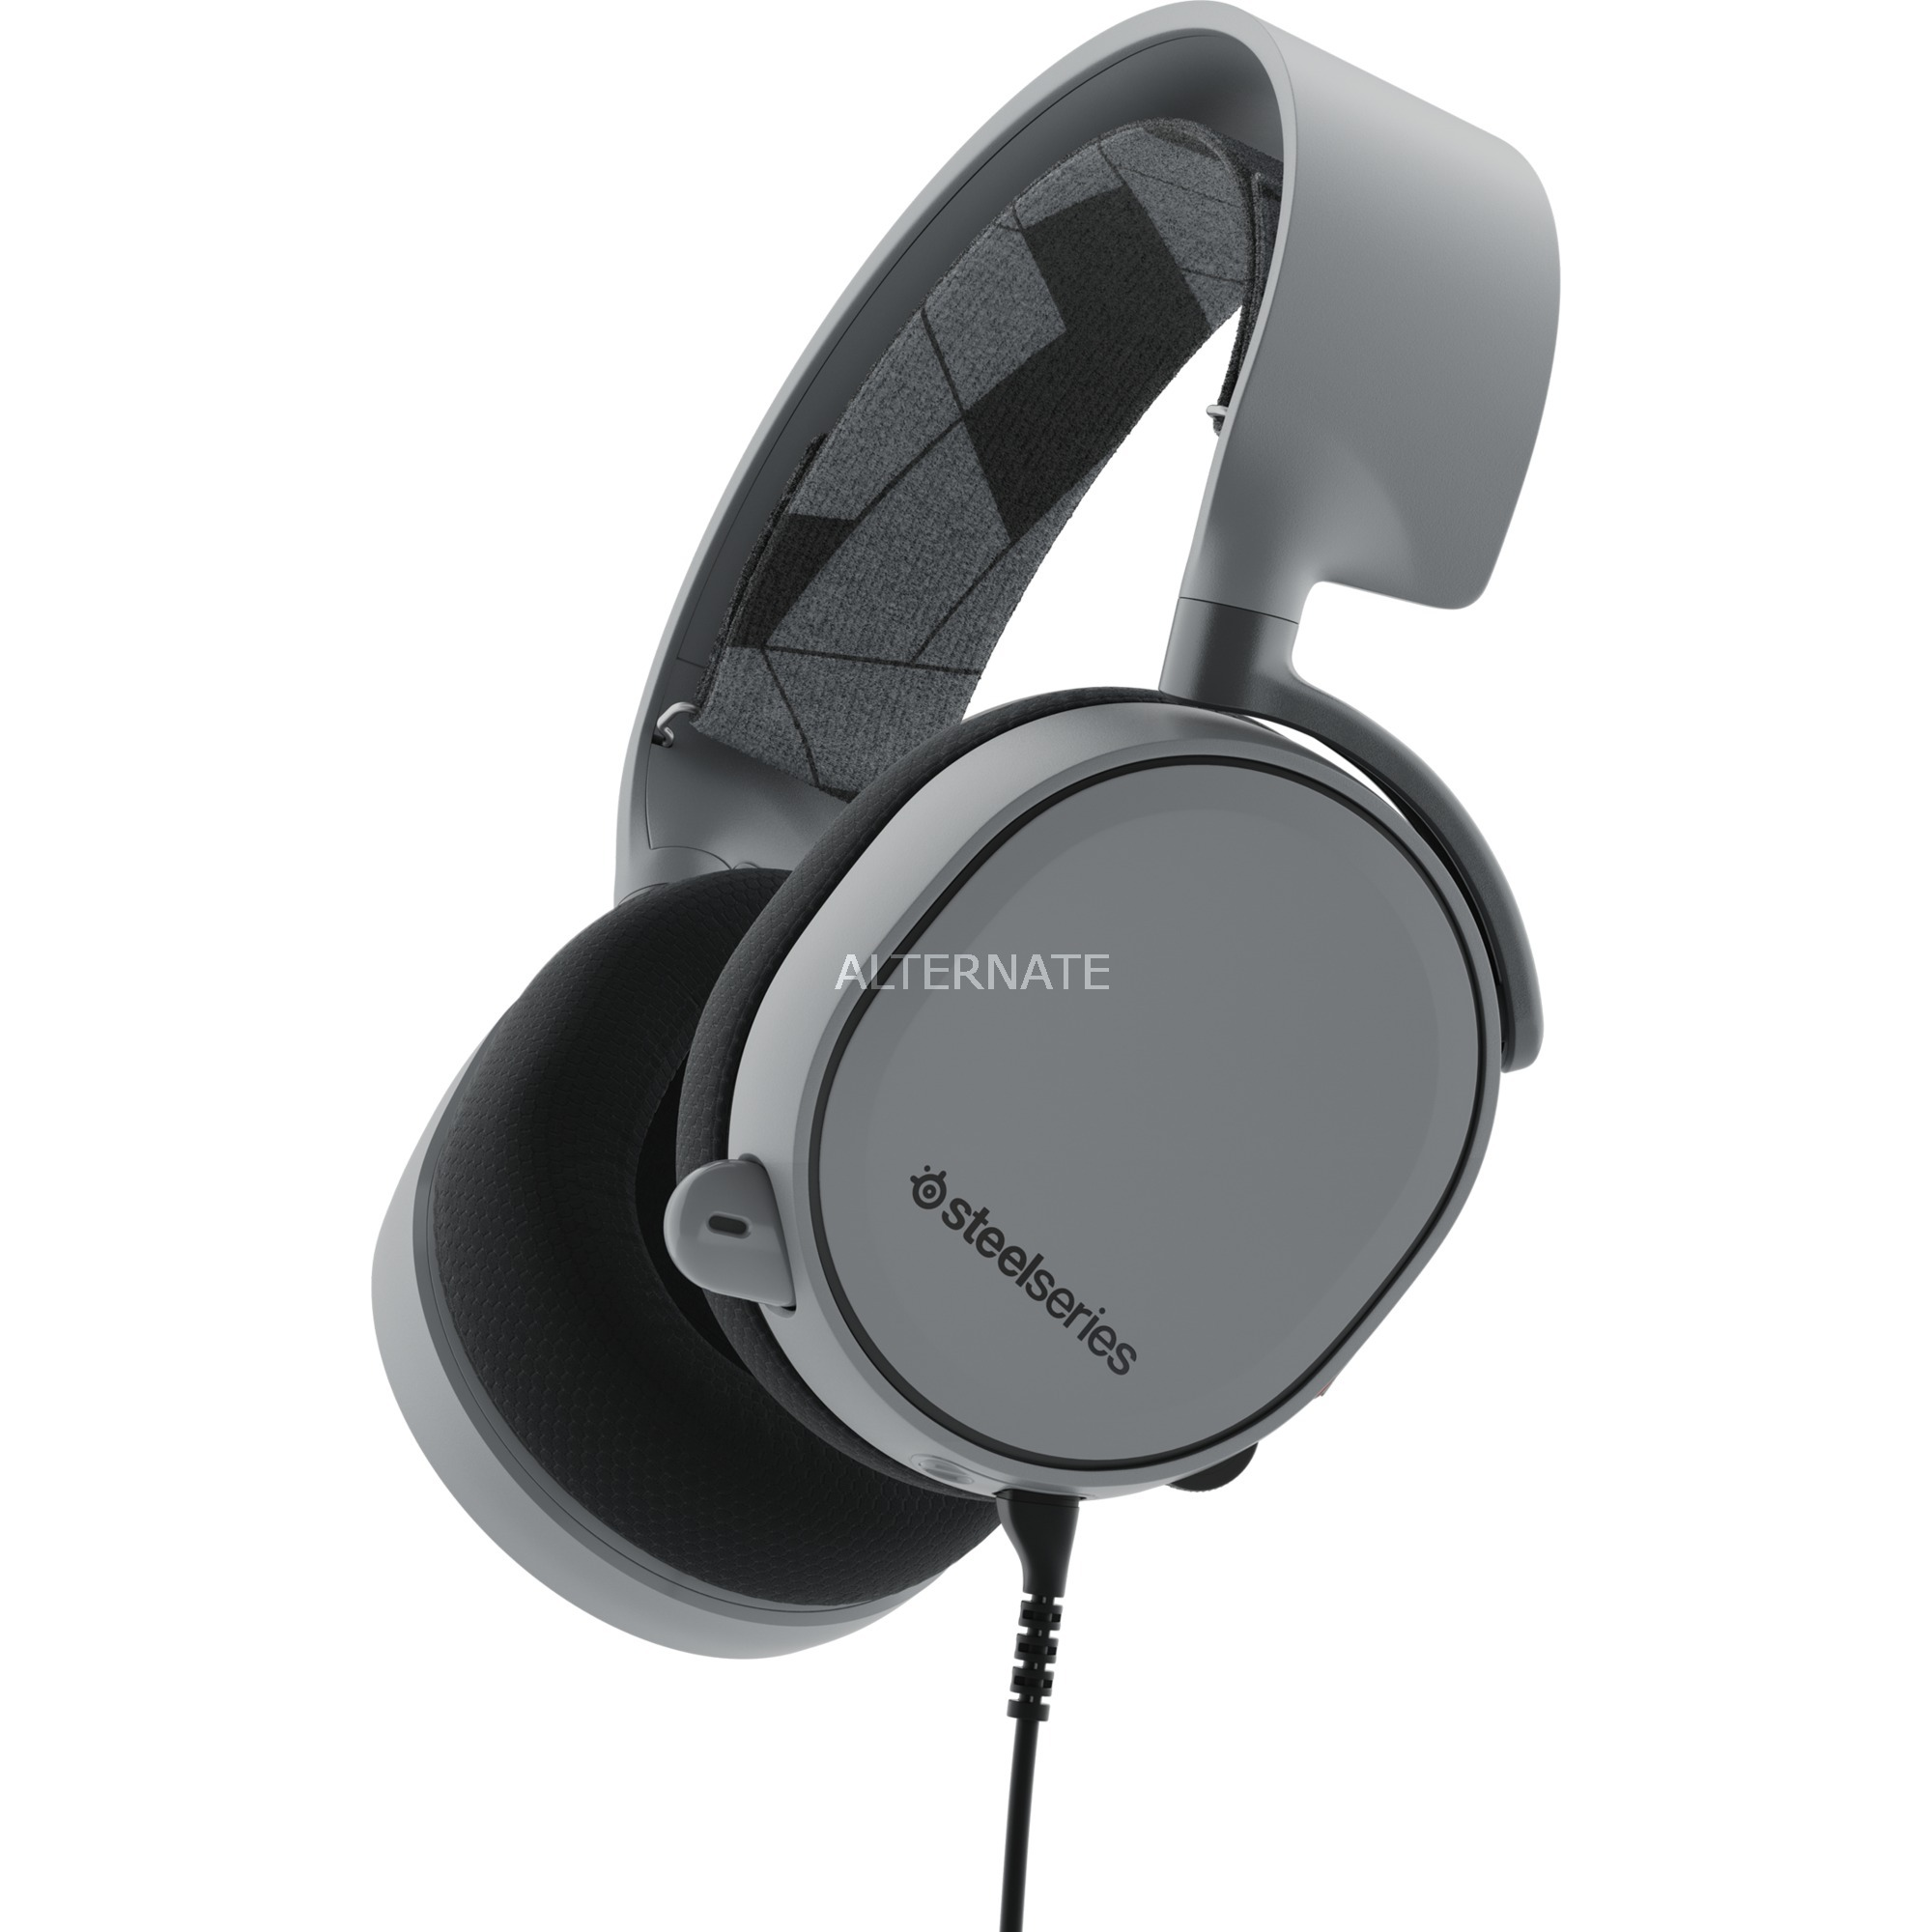 ARCTIS 3 Binaurale Diadema Gris auricular con micrófono, Auriculares con micrófono